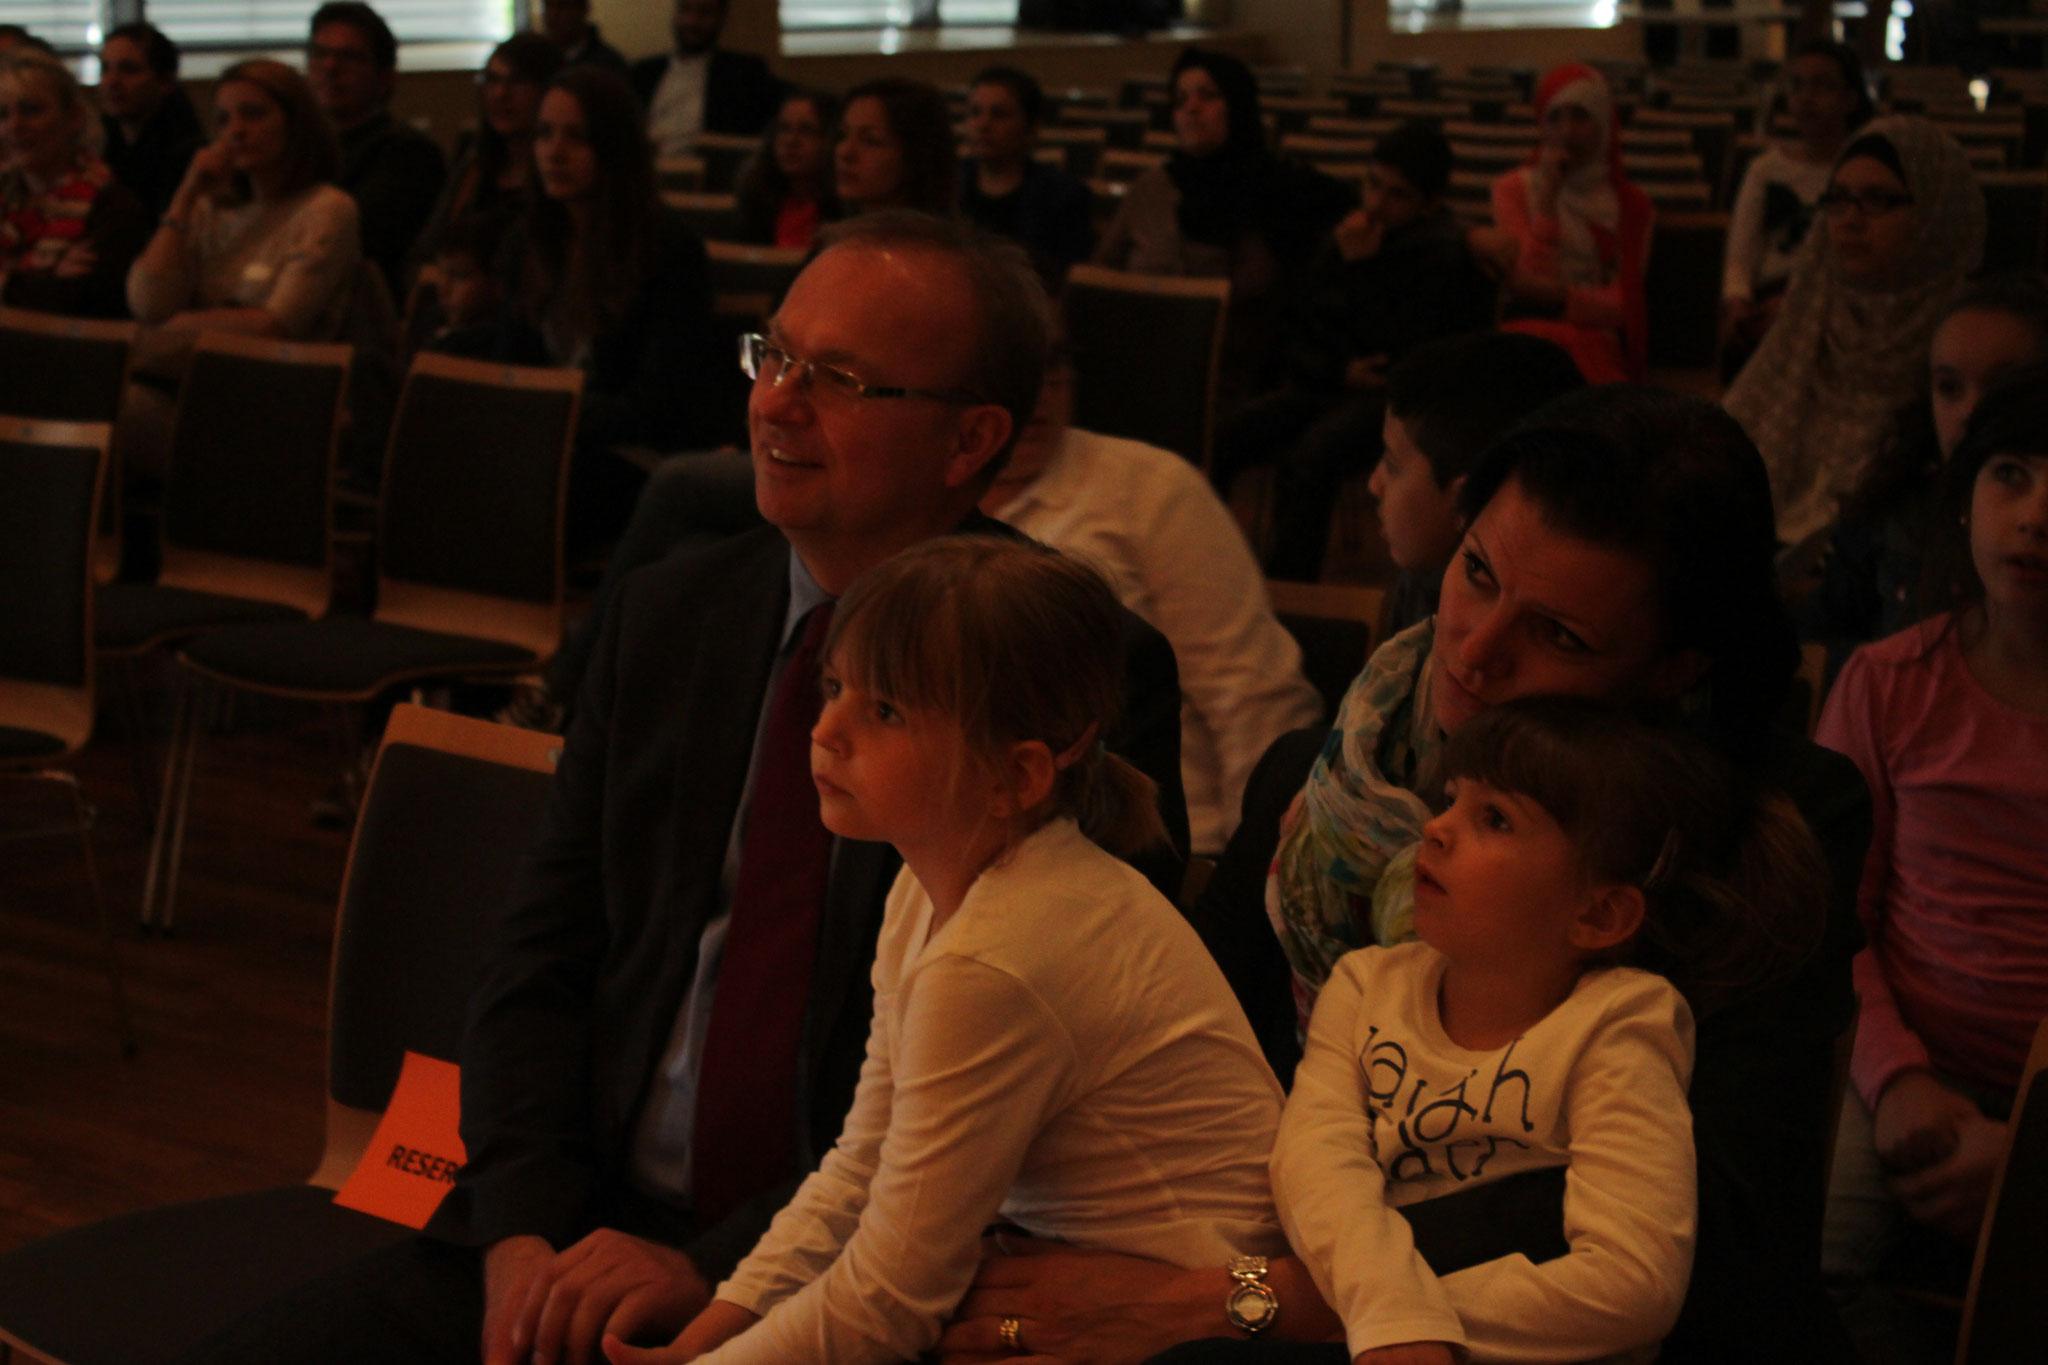 Die Zuschauer waren vom Theaterstück begeistert